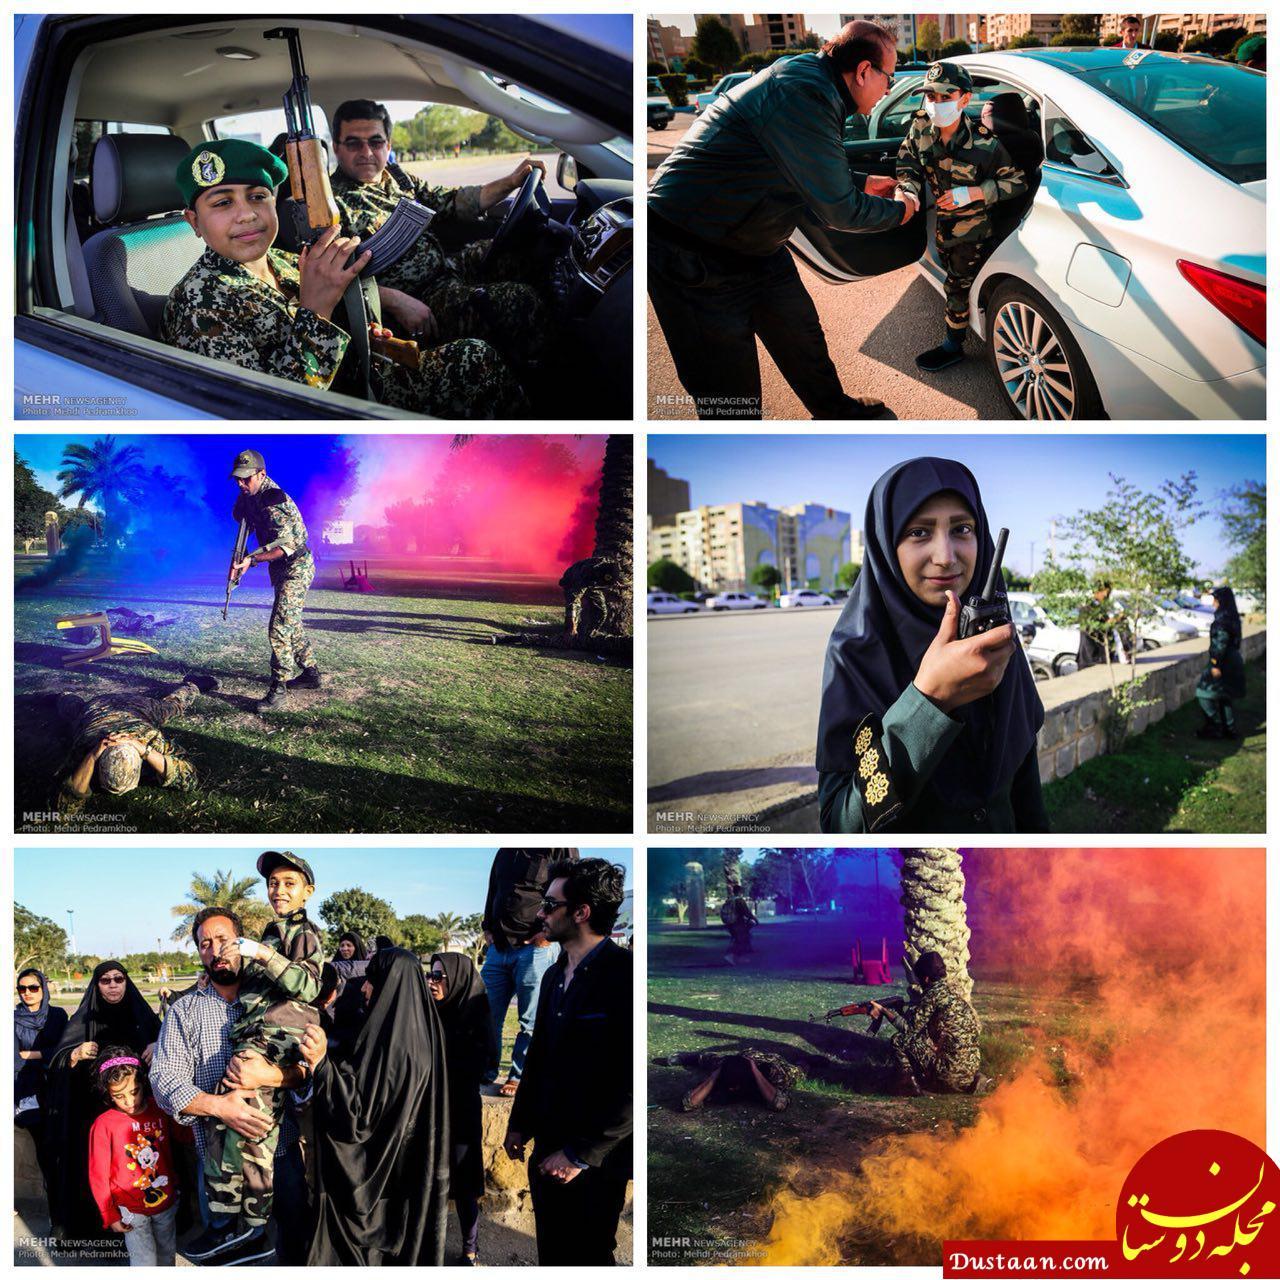 نابودی داعش توسط پنج کودک و نوجوان مبتلا به سرطان در اهواز +تصاویر